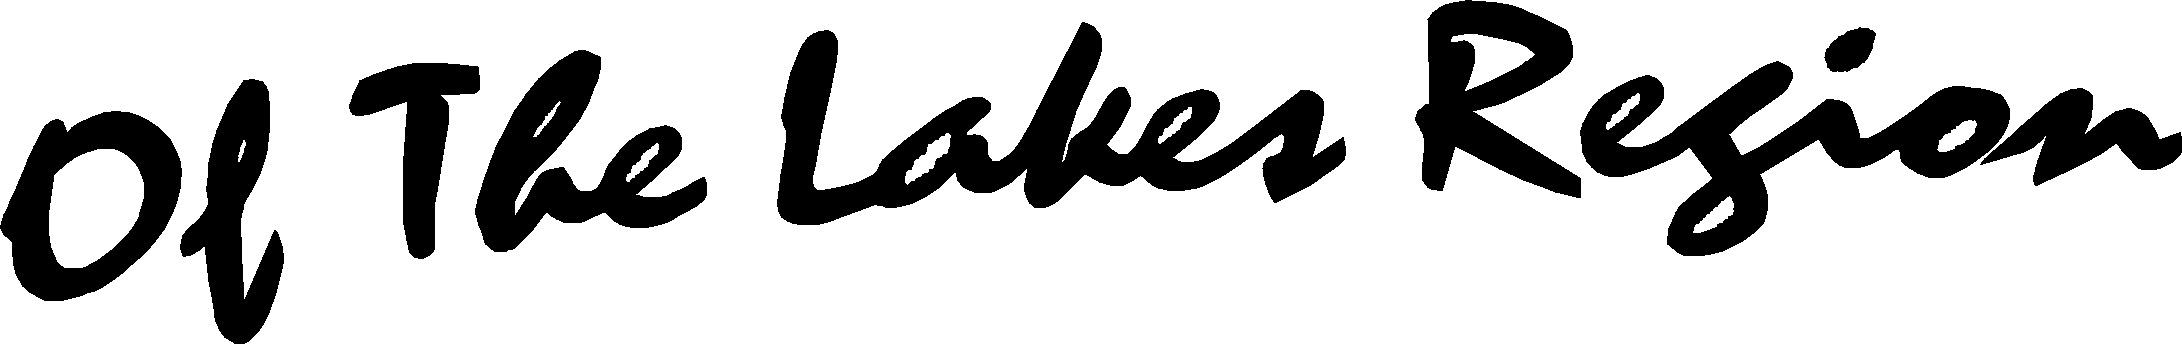 letter style.jpg